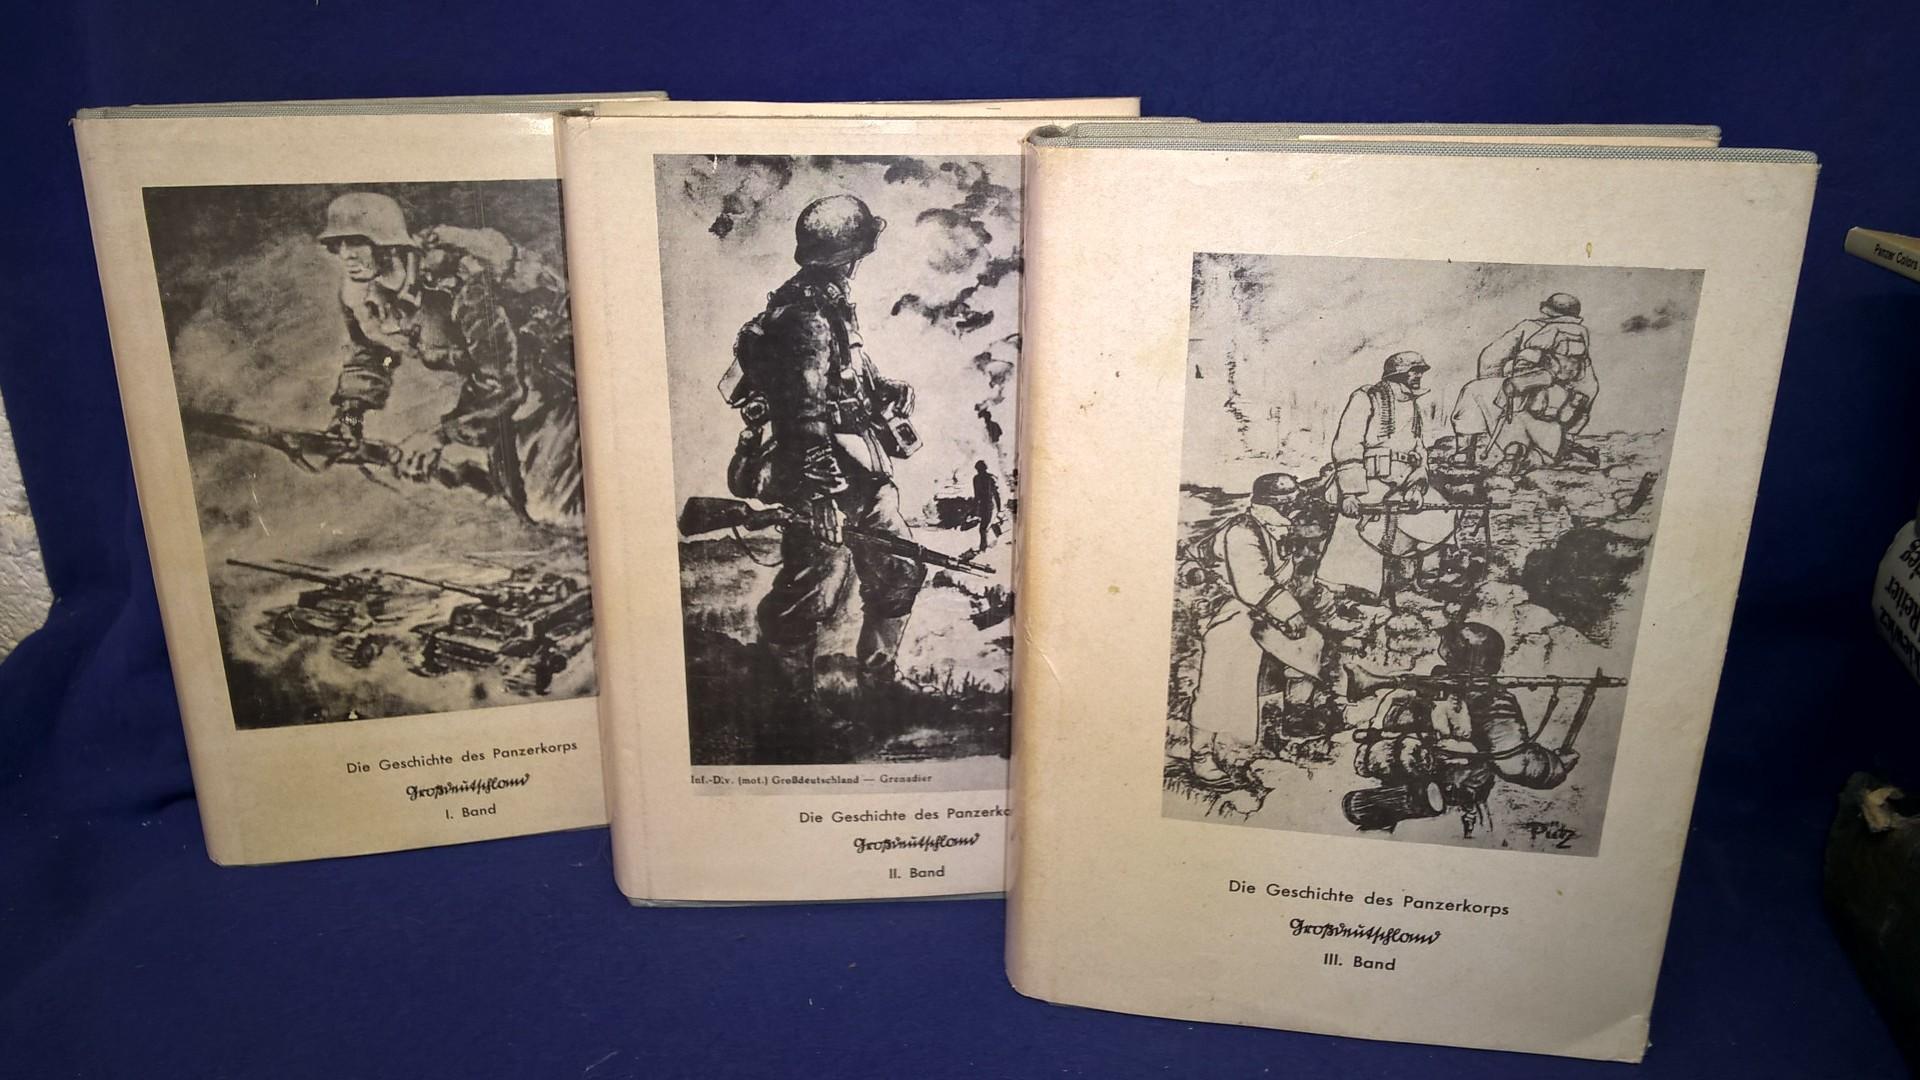 Die Geschichte des Panzerkorps Großdeutschland. Band 1 - 3 komplett!